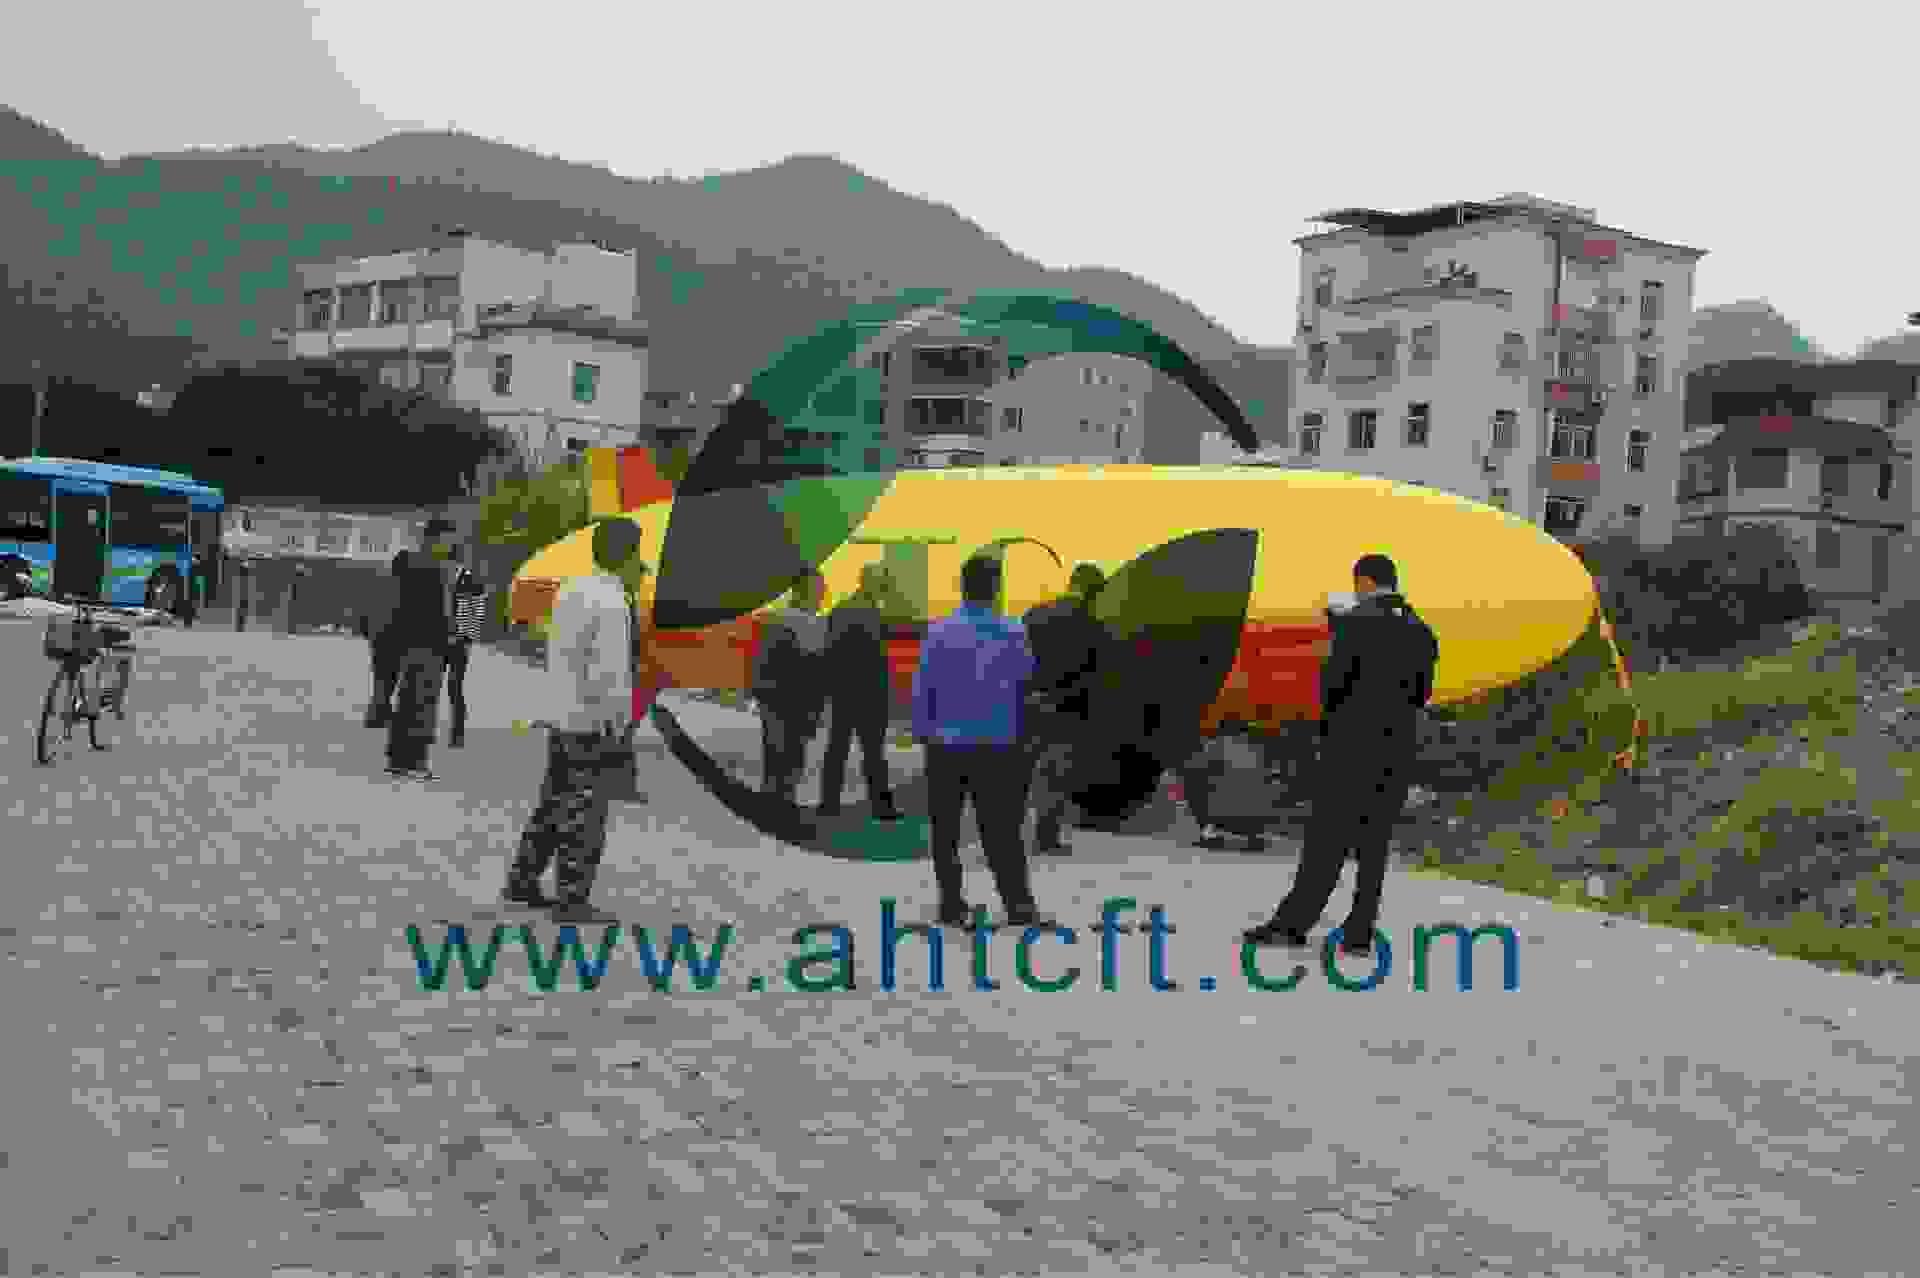 飞艇    广告飞艇  遥控飞艇  无人飞艇